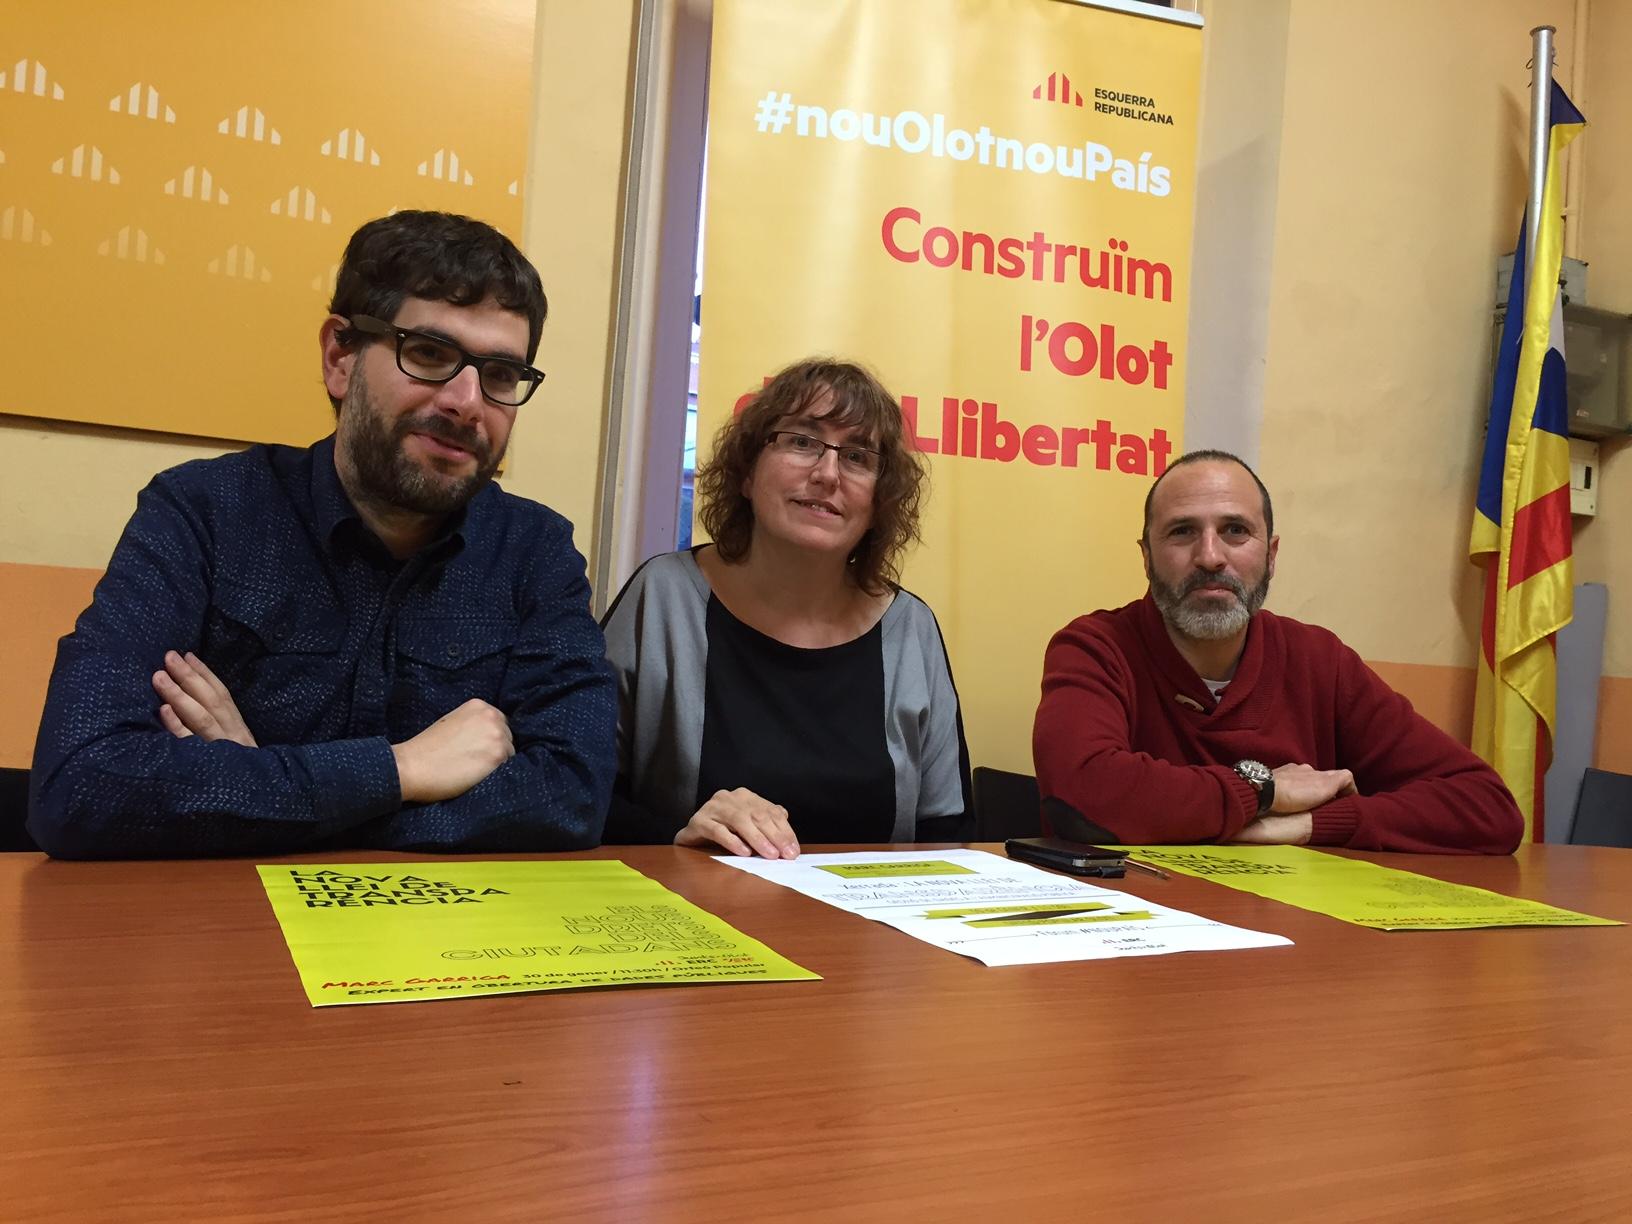 ERC comença a Olot un cicle de conferències per dissenyar la República Catalana